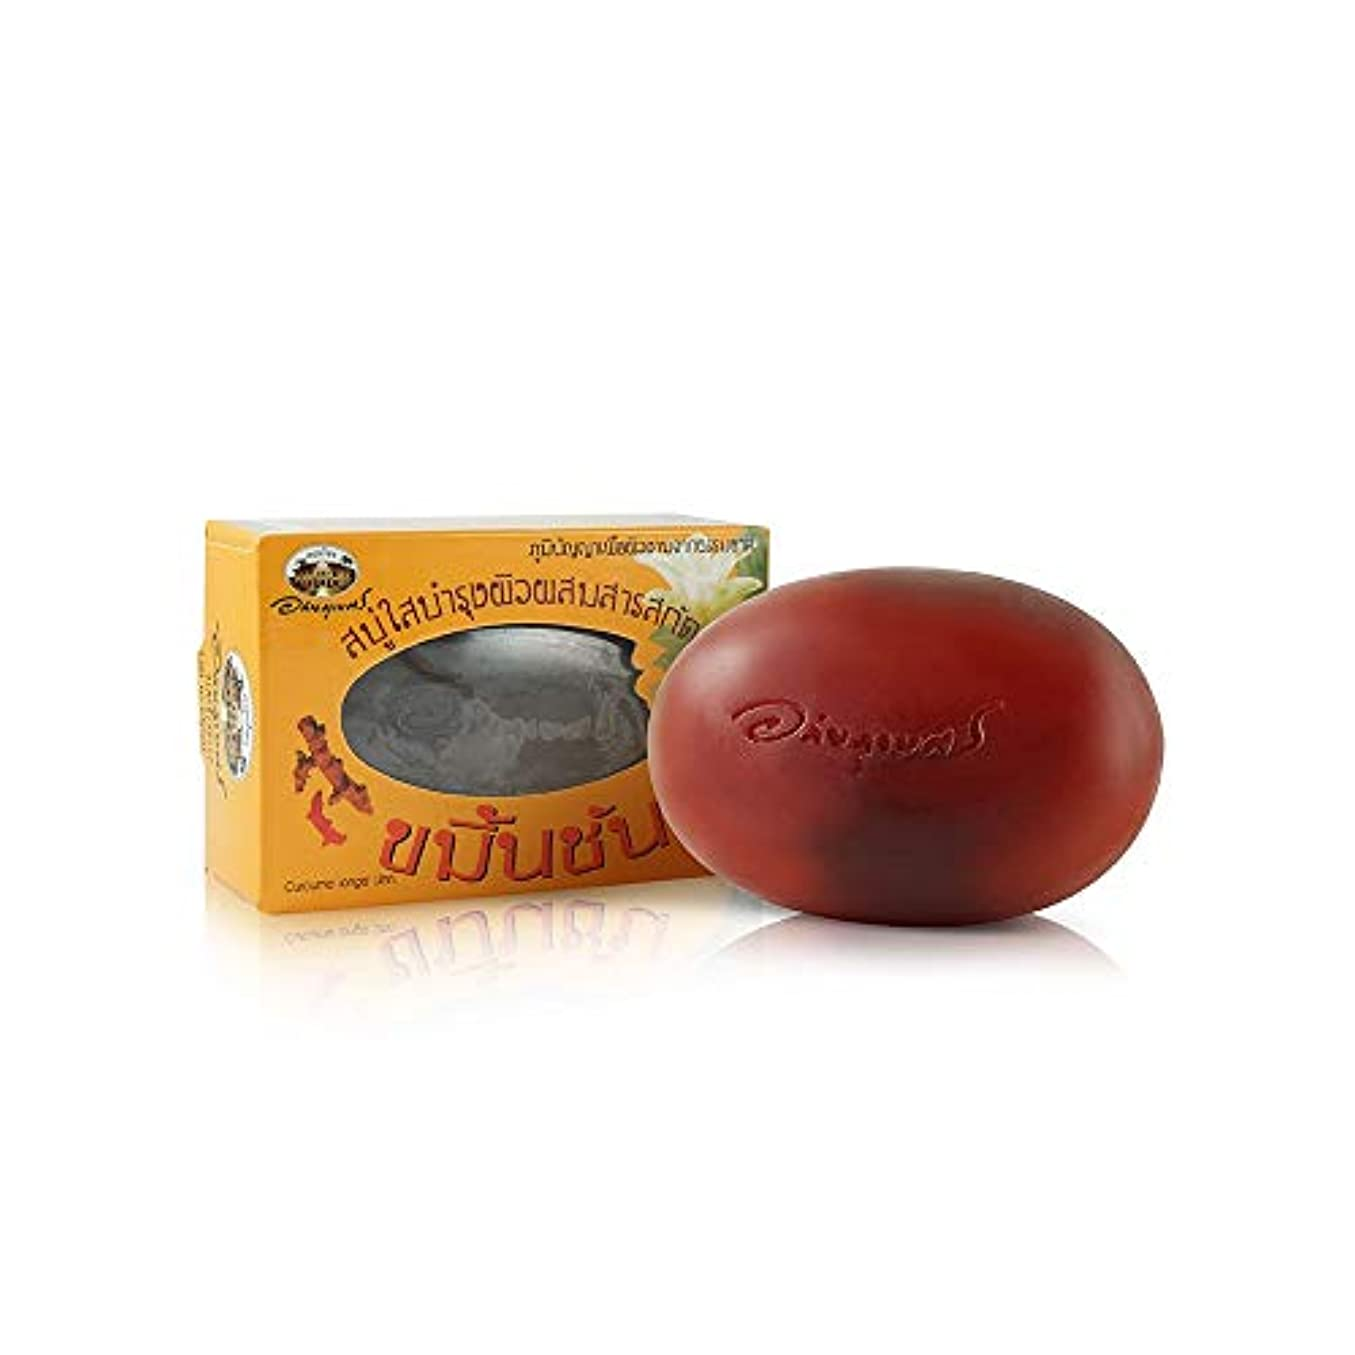 ボクシング値下げ鎖Abhaibhubejhr Turmeric Vitamin E Herbal Body Cleansing Soap 100g. Abhaibhubejhrターメリックハーブボディクレンジングソープ100グラム。